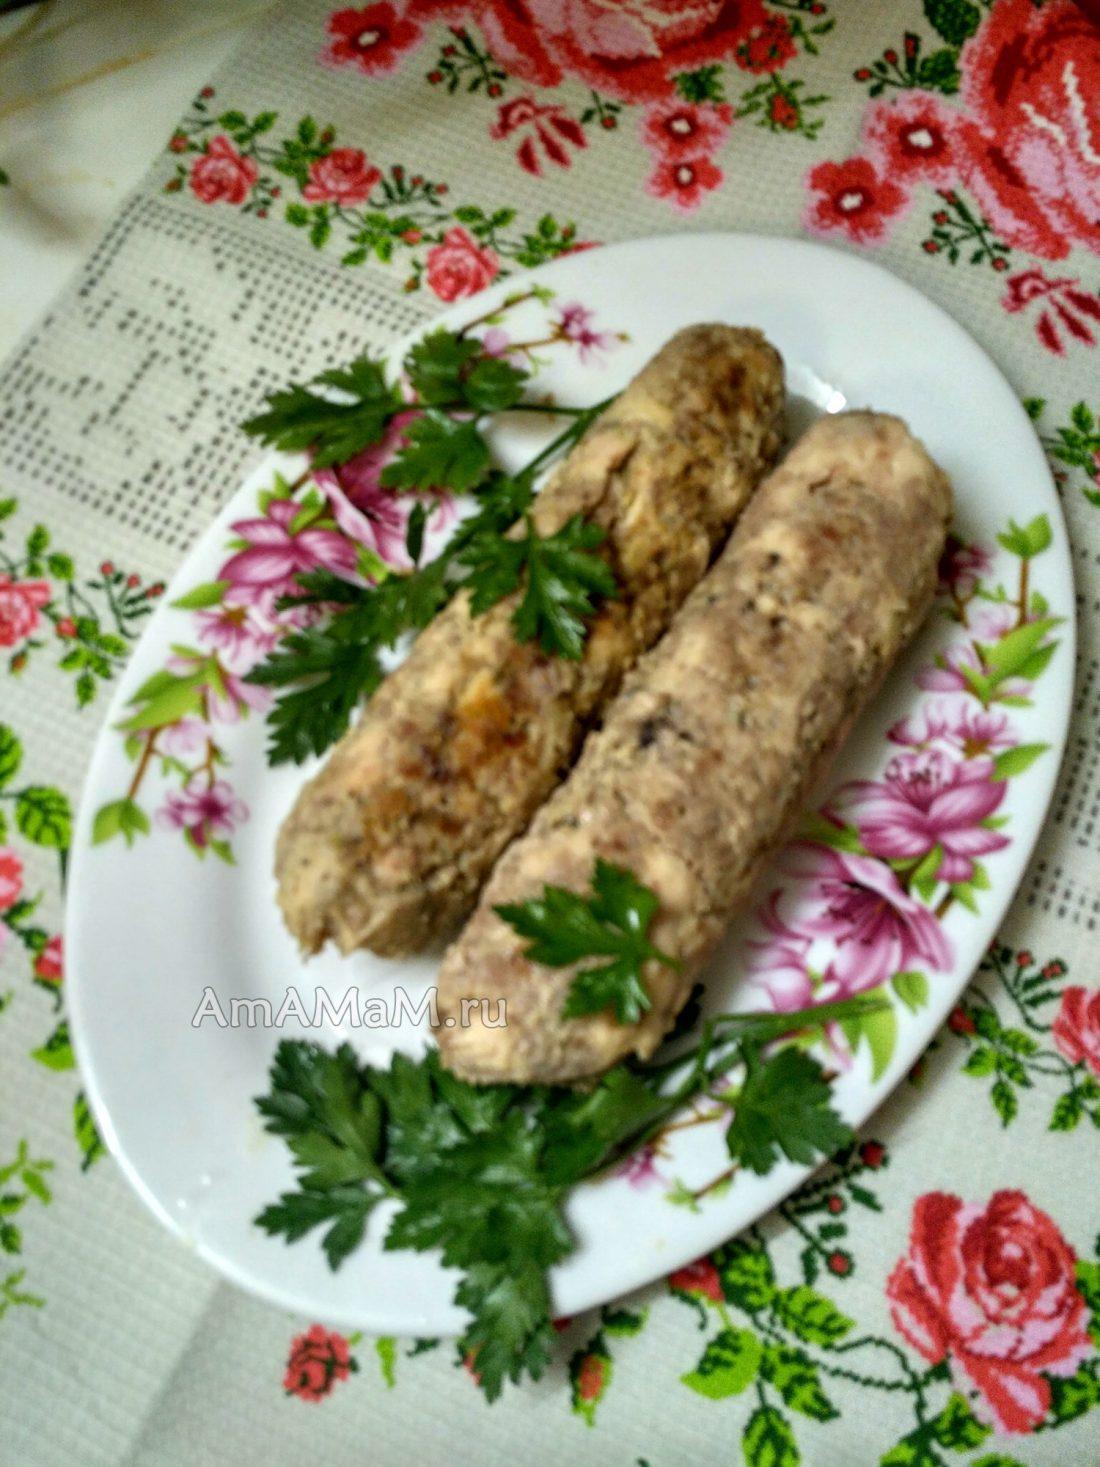 Колбаса в фольге в домашних условиях рецепт пошагово